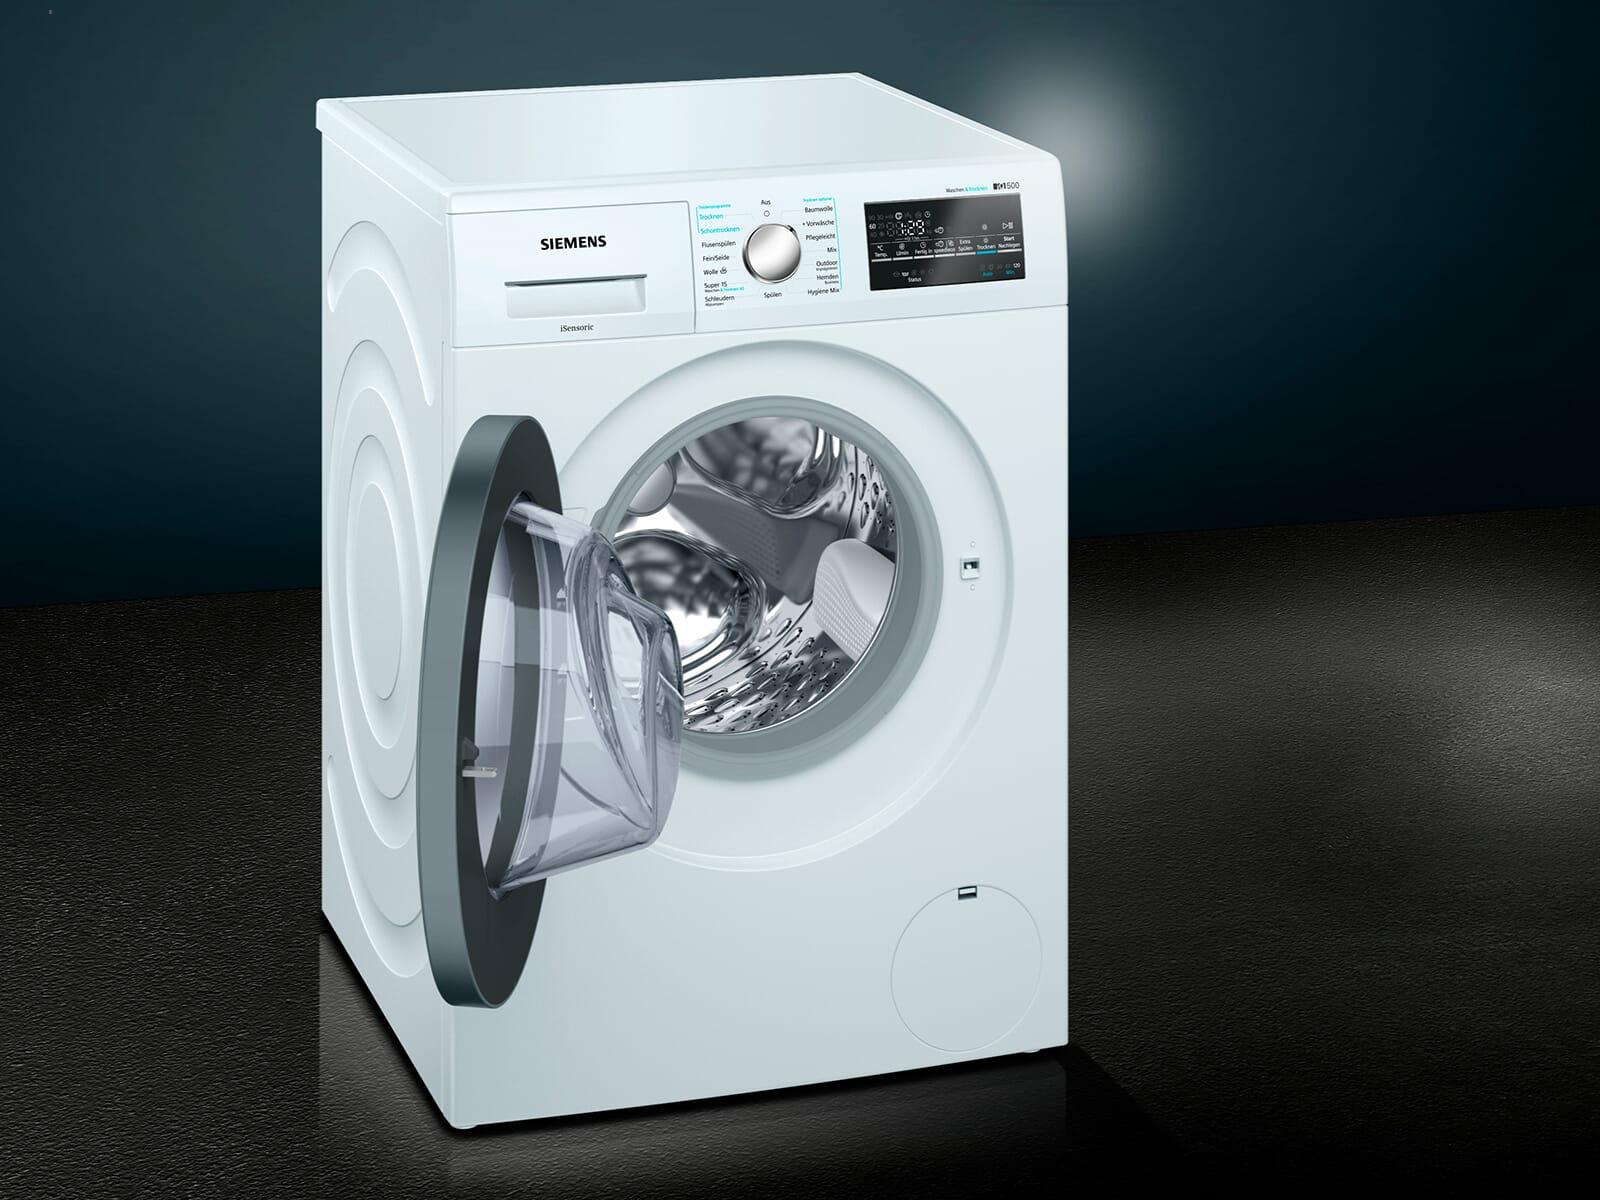 Siemens wd g waschtrockner weiß